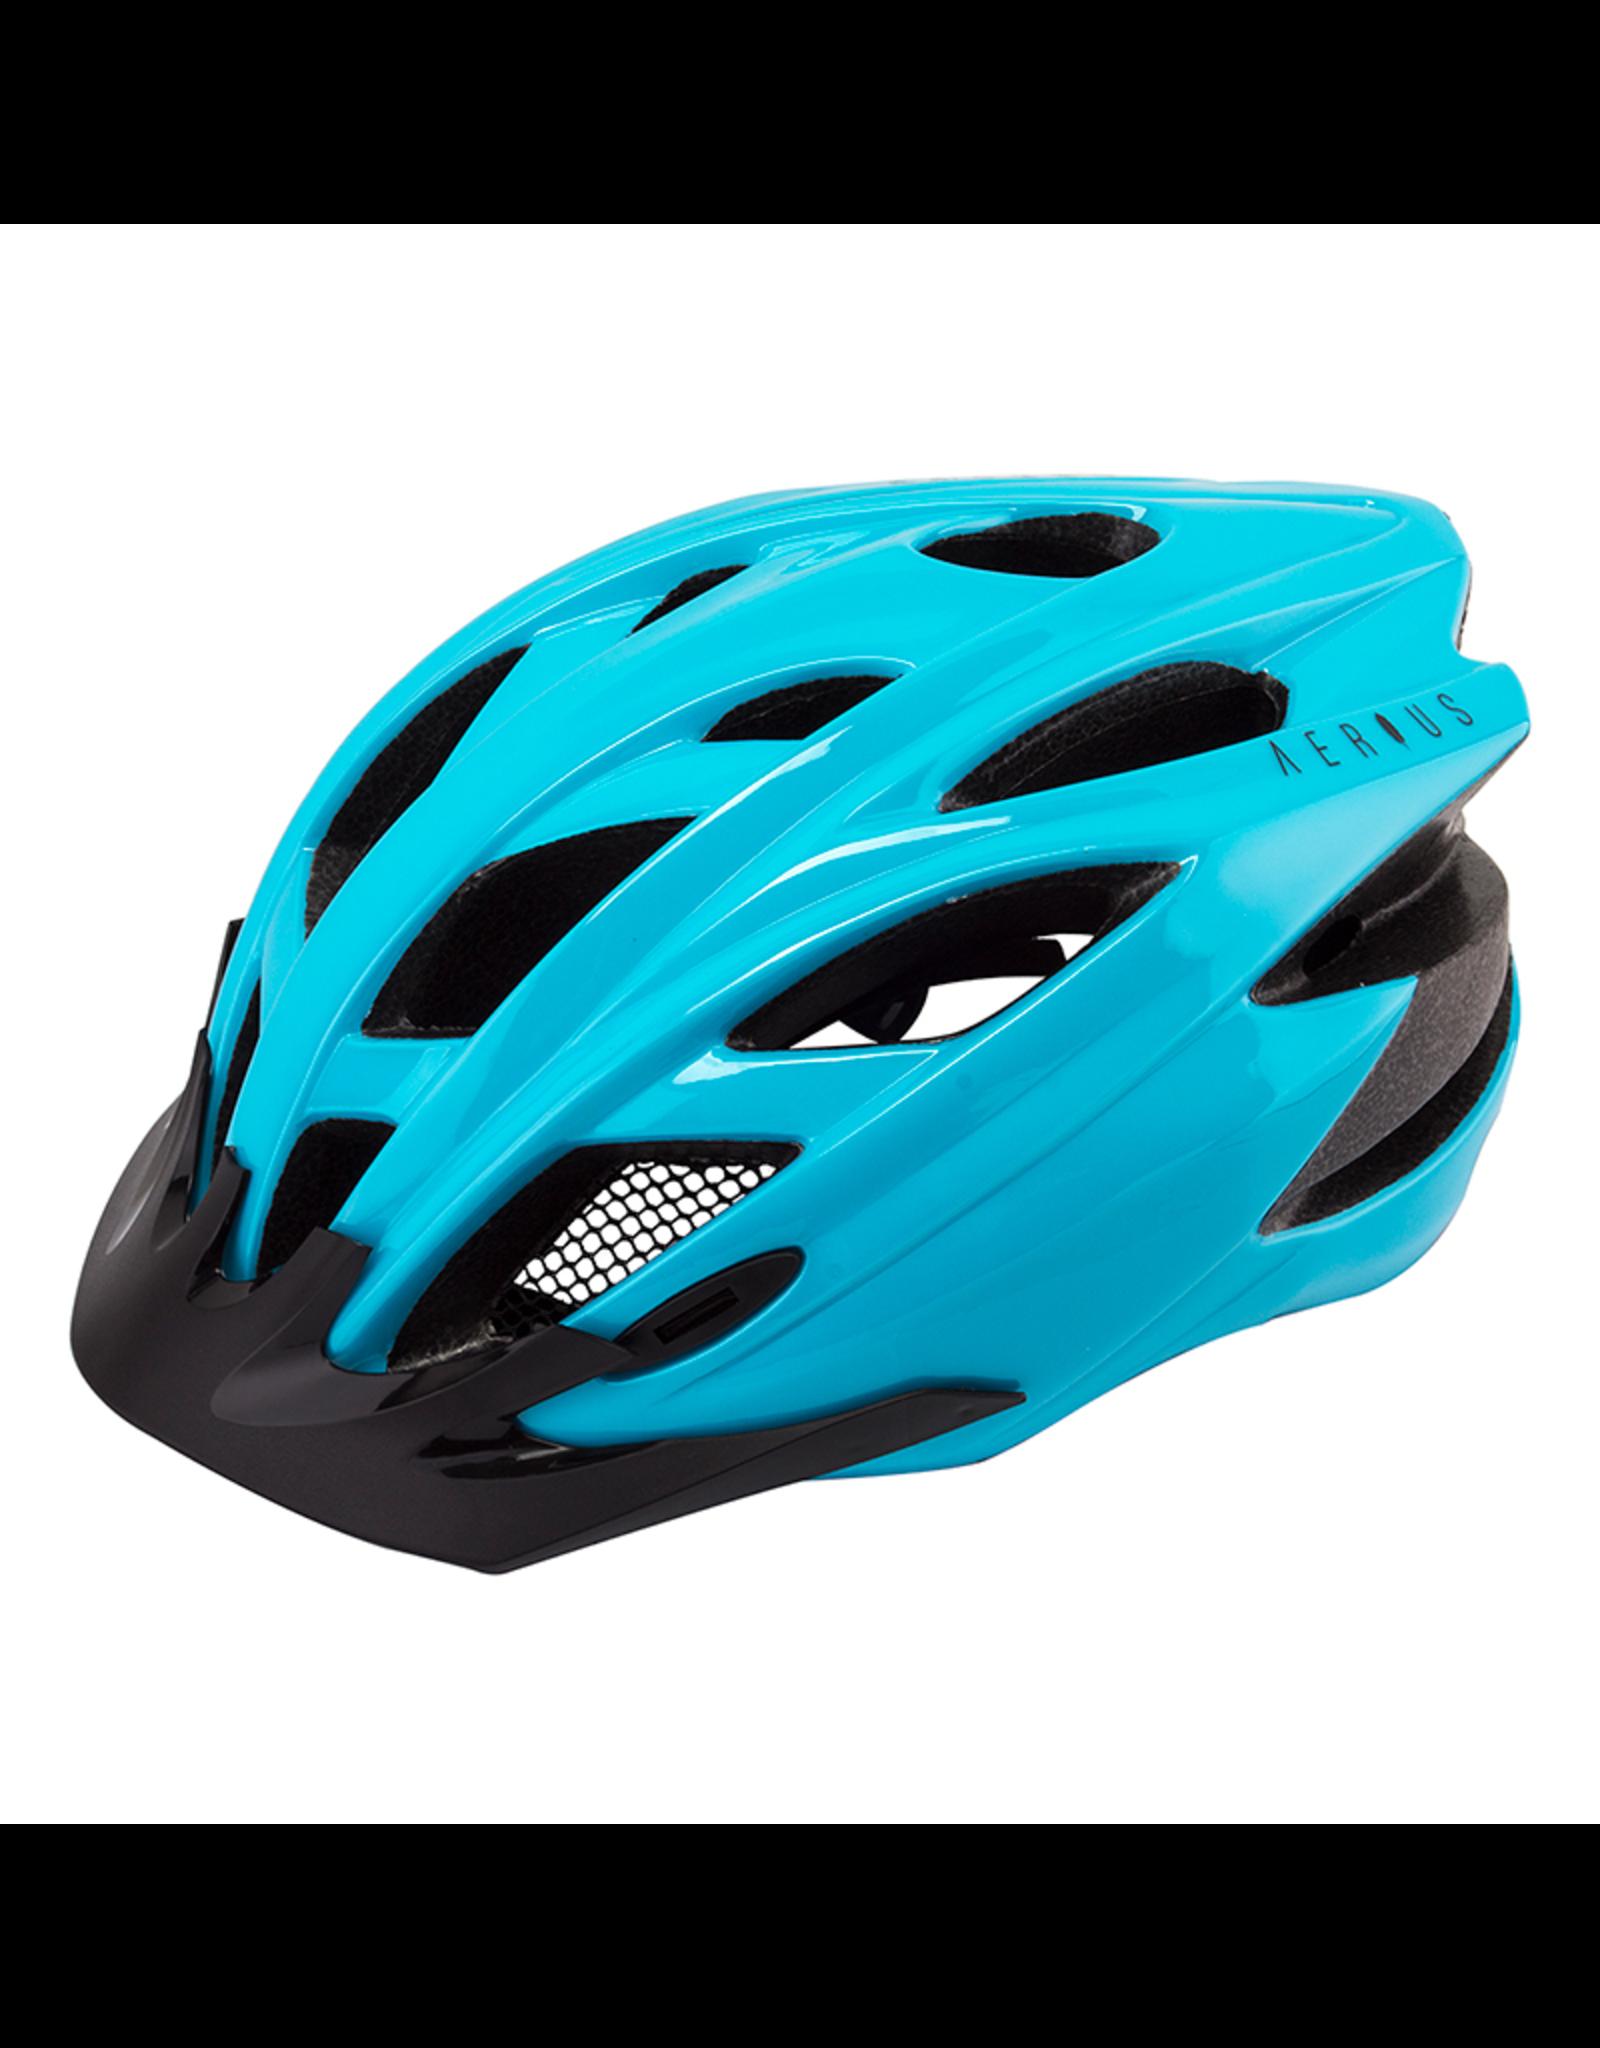 Aerius Aerius Helmet Raven - Light Blue, Small/Medium